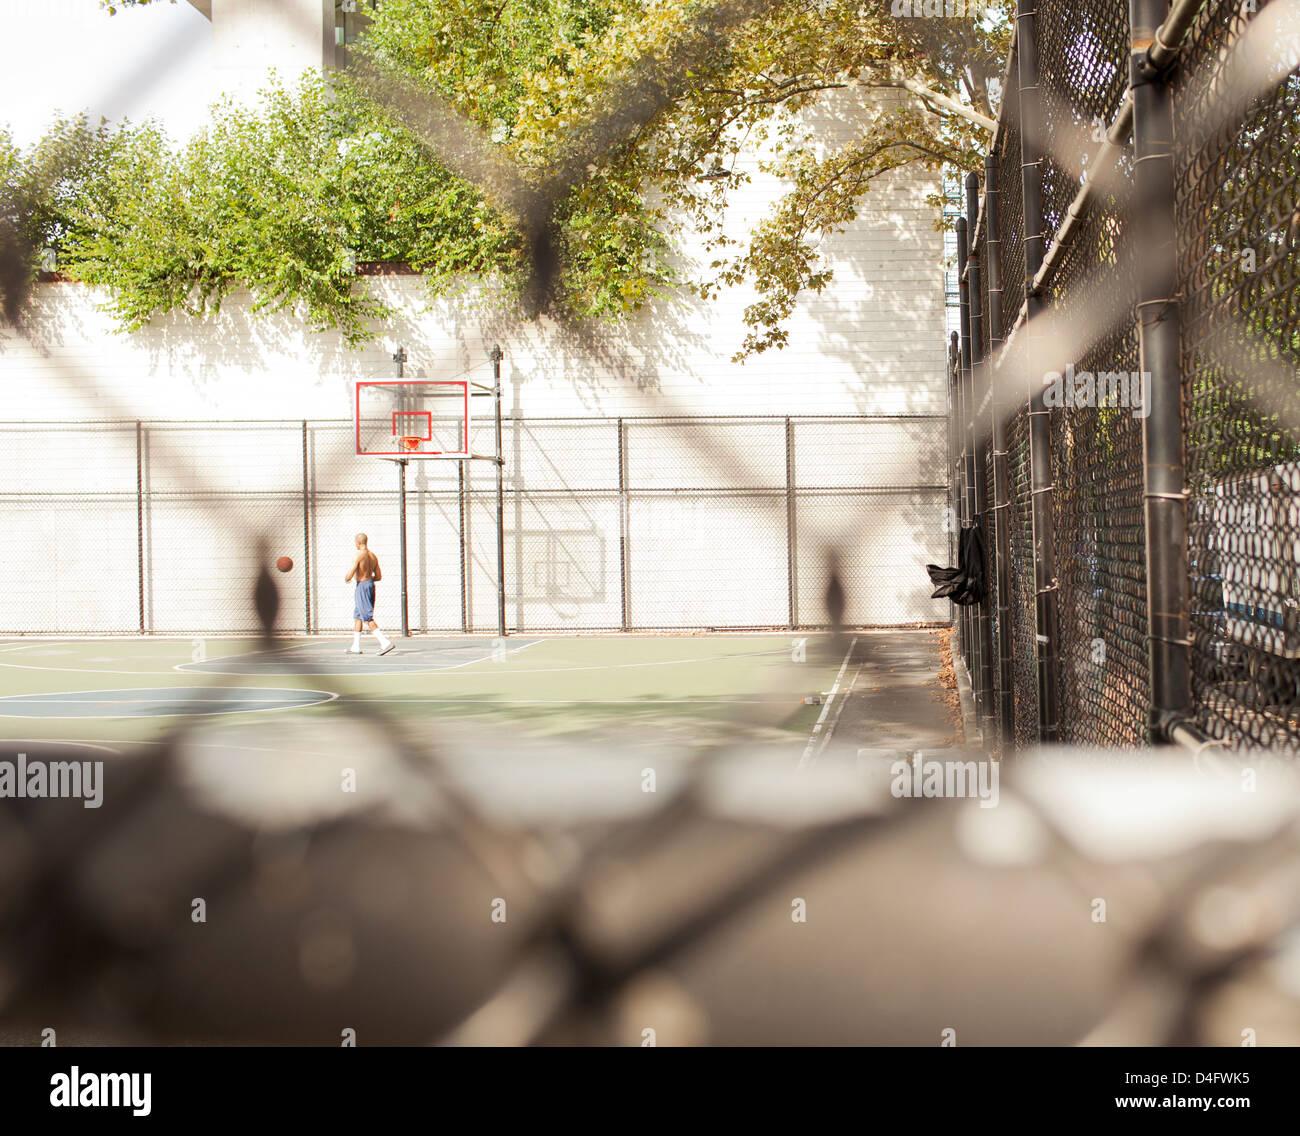 L'homme jouant au basket-ball sur cour urbaine Photo Stock